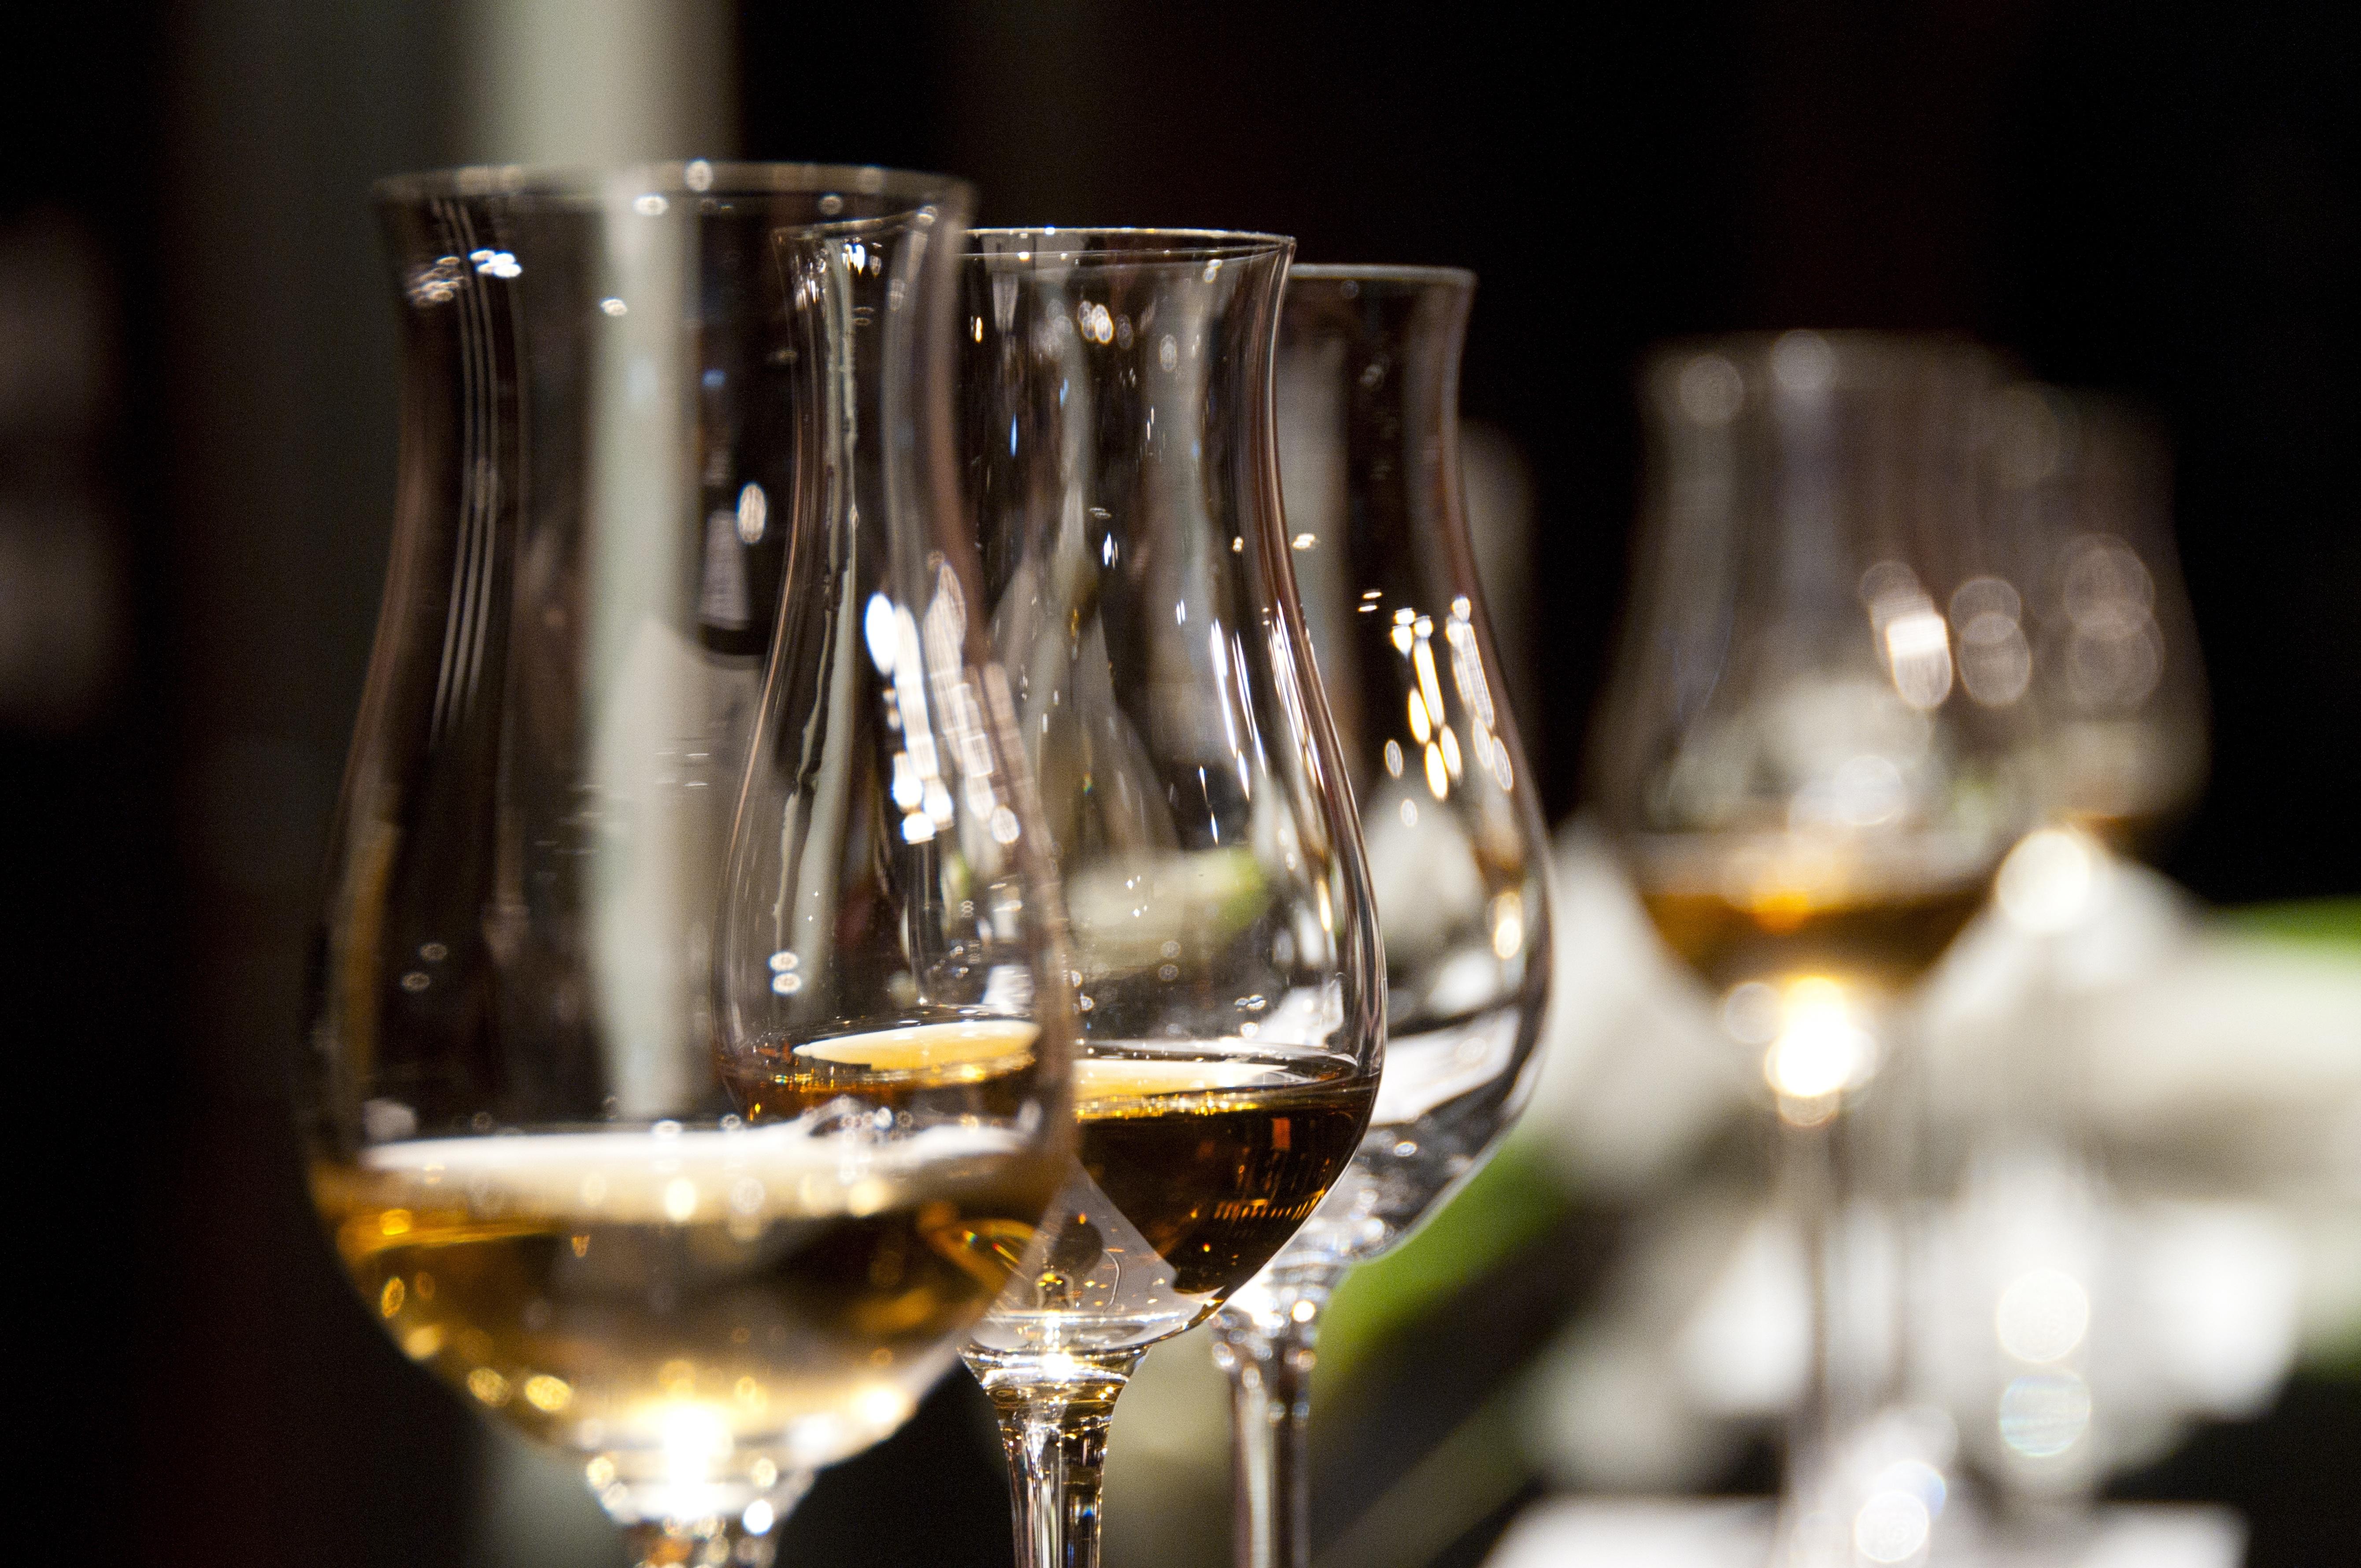 Wein-Tastings während der Pandemie